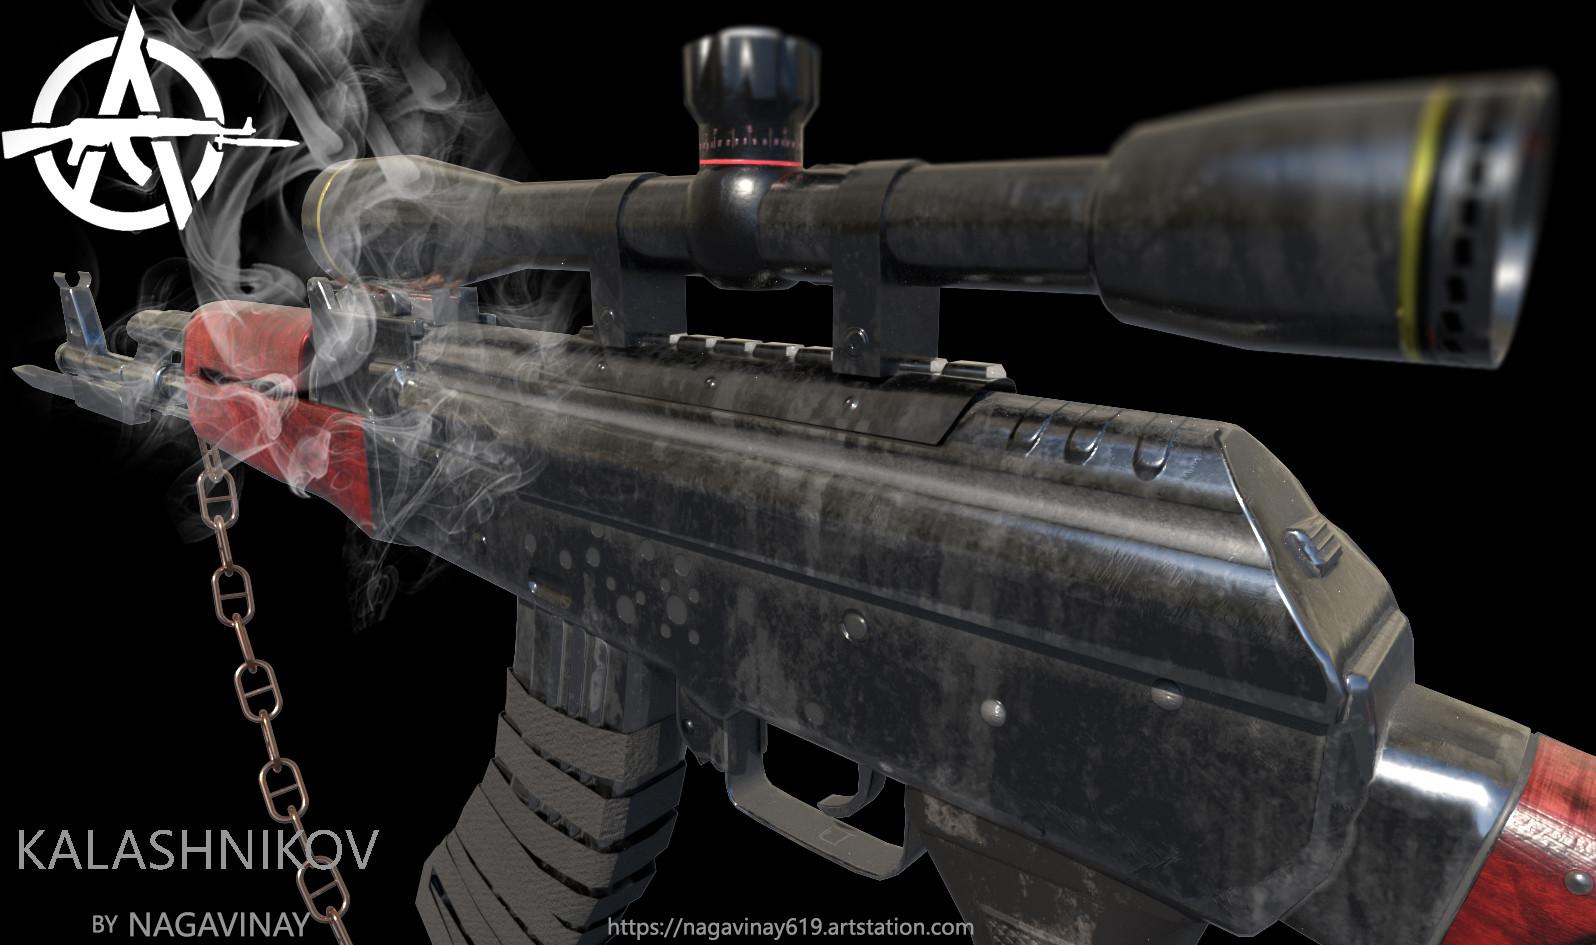 ArtStation - Kalashnikov Rifle-AK47, Naga Vinay